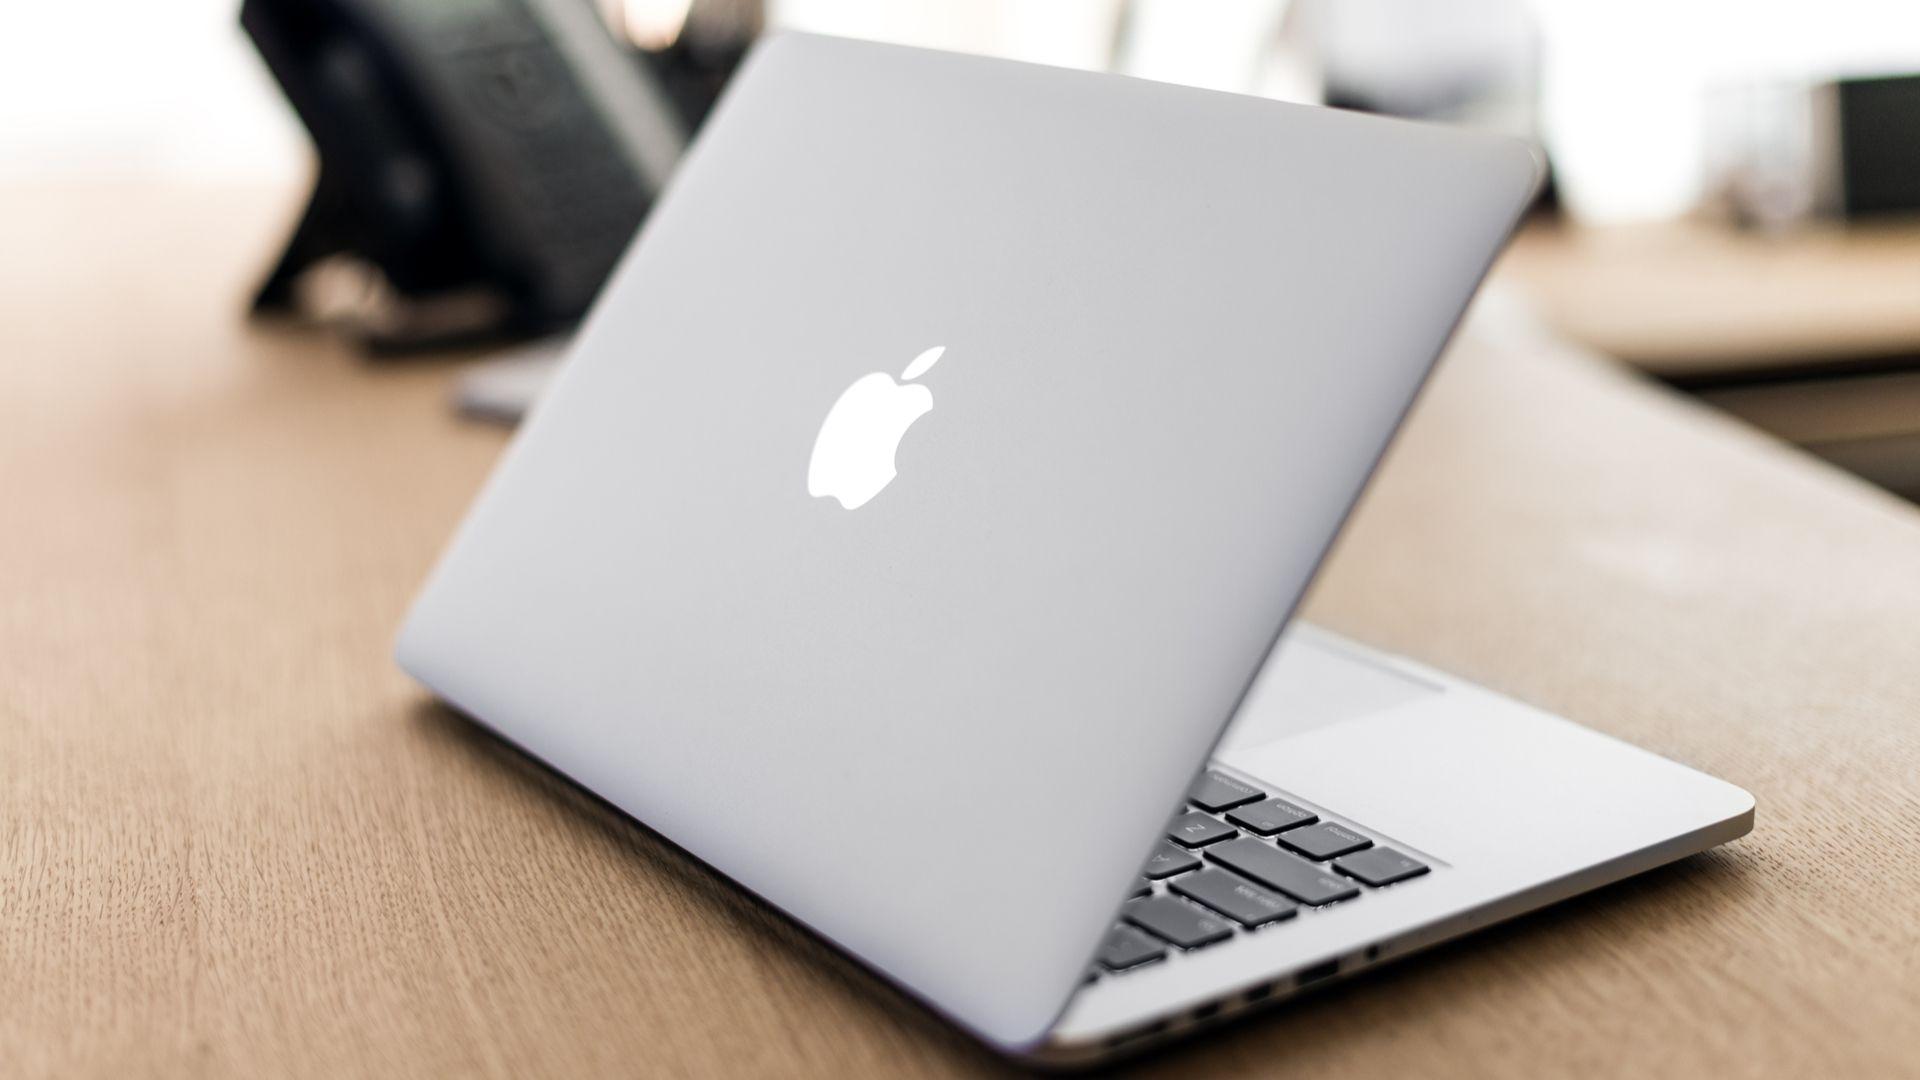 Qual a melhor marca de notebook? A Apple certamente é uma queridinha dos consumidores (Sklo Studio / Shutterstock.com)